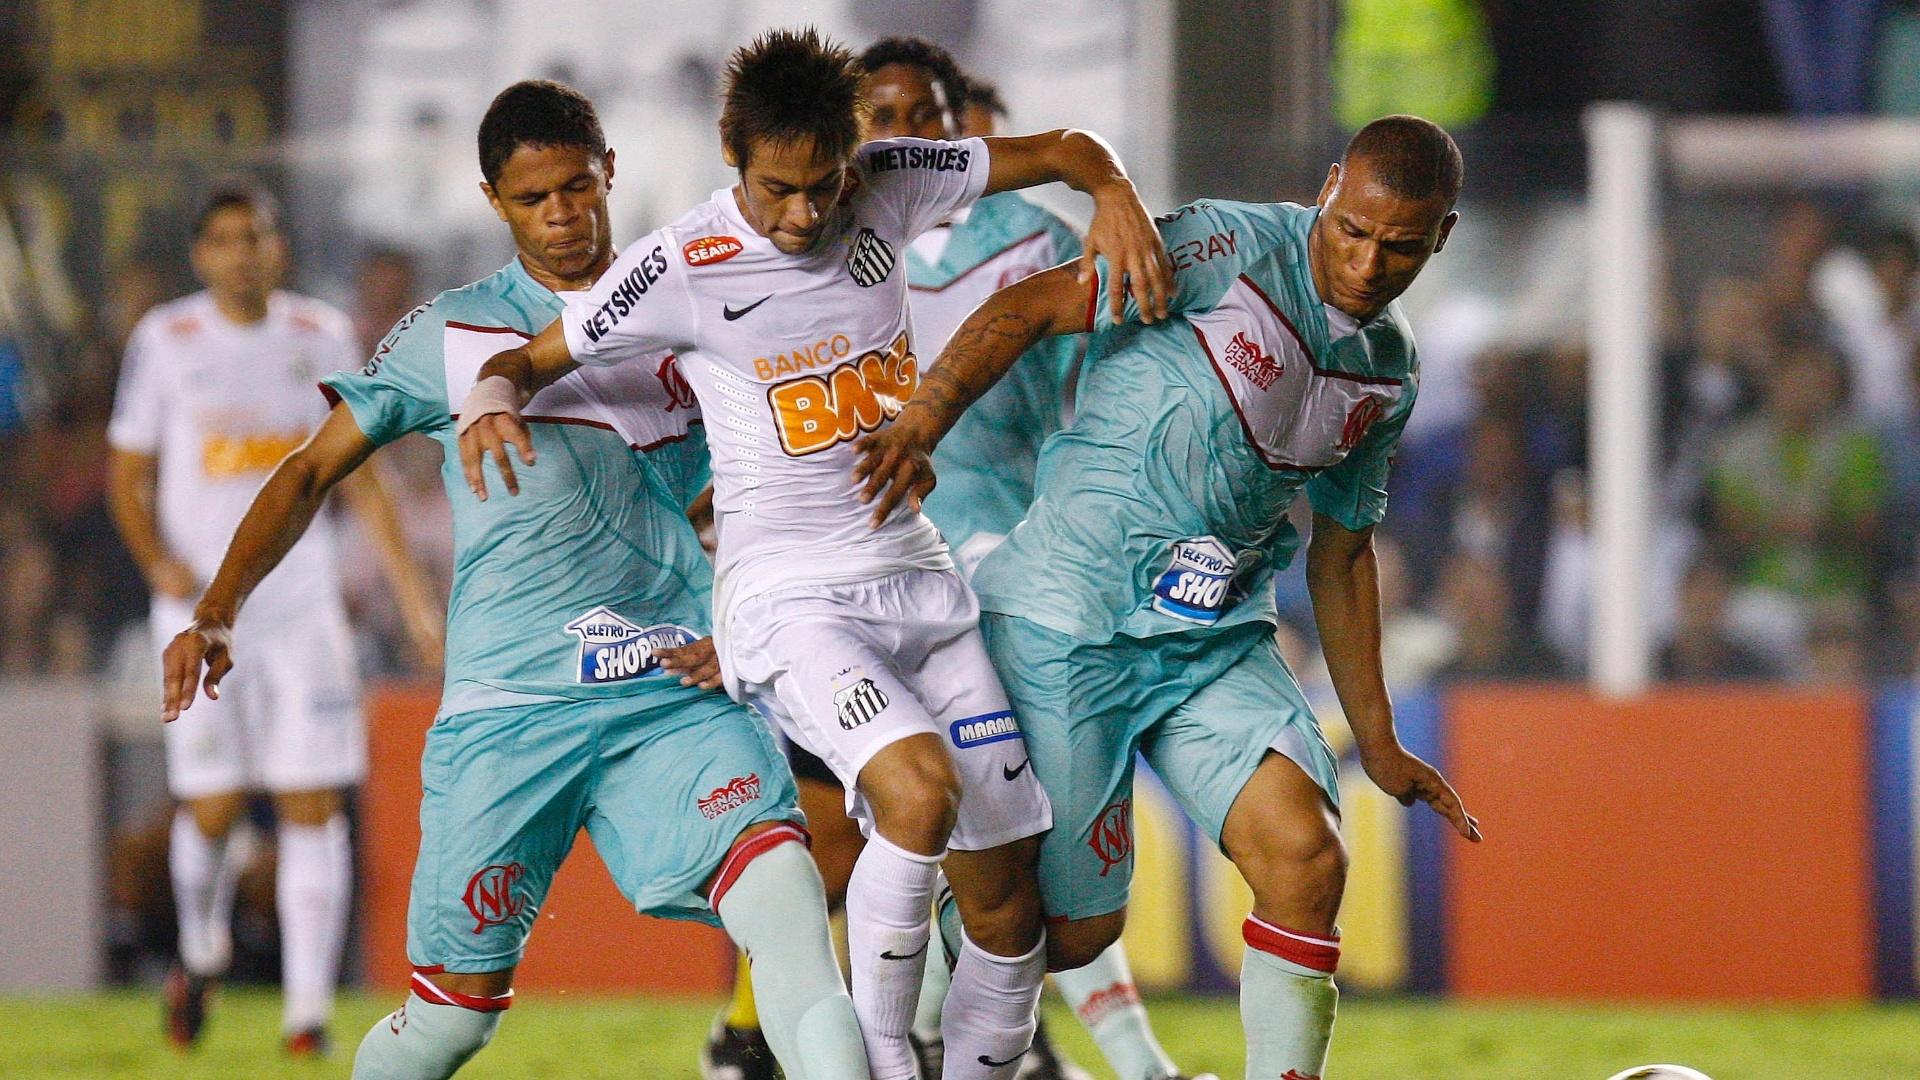 Neymar tenta escapar de marcação na partida contra o Náutico nesta quinta-feira (25/10) na Vila Belmiro